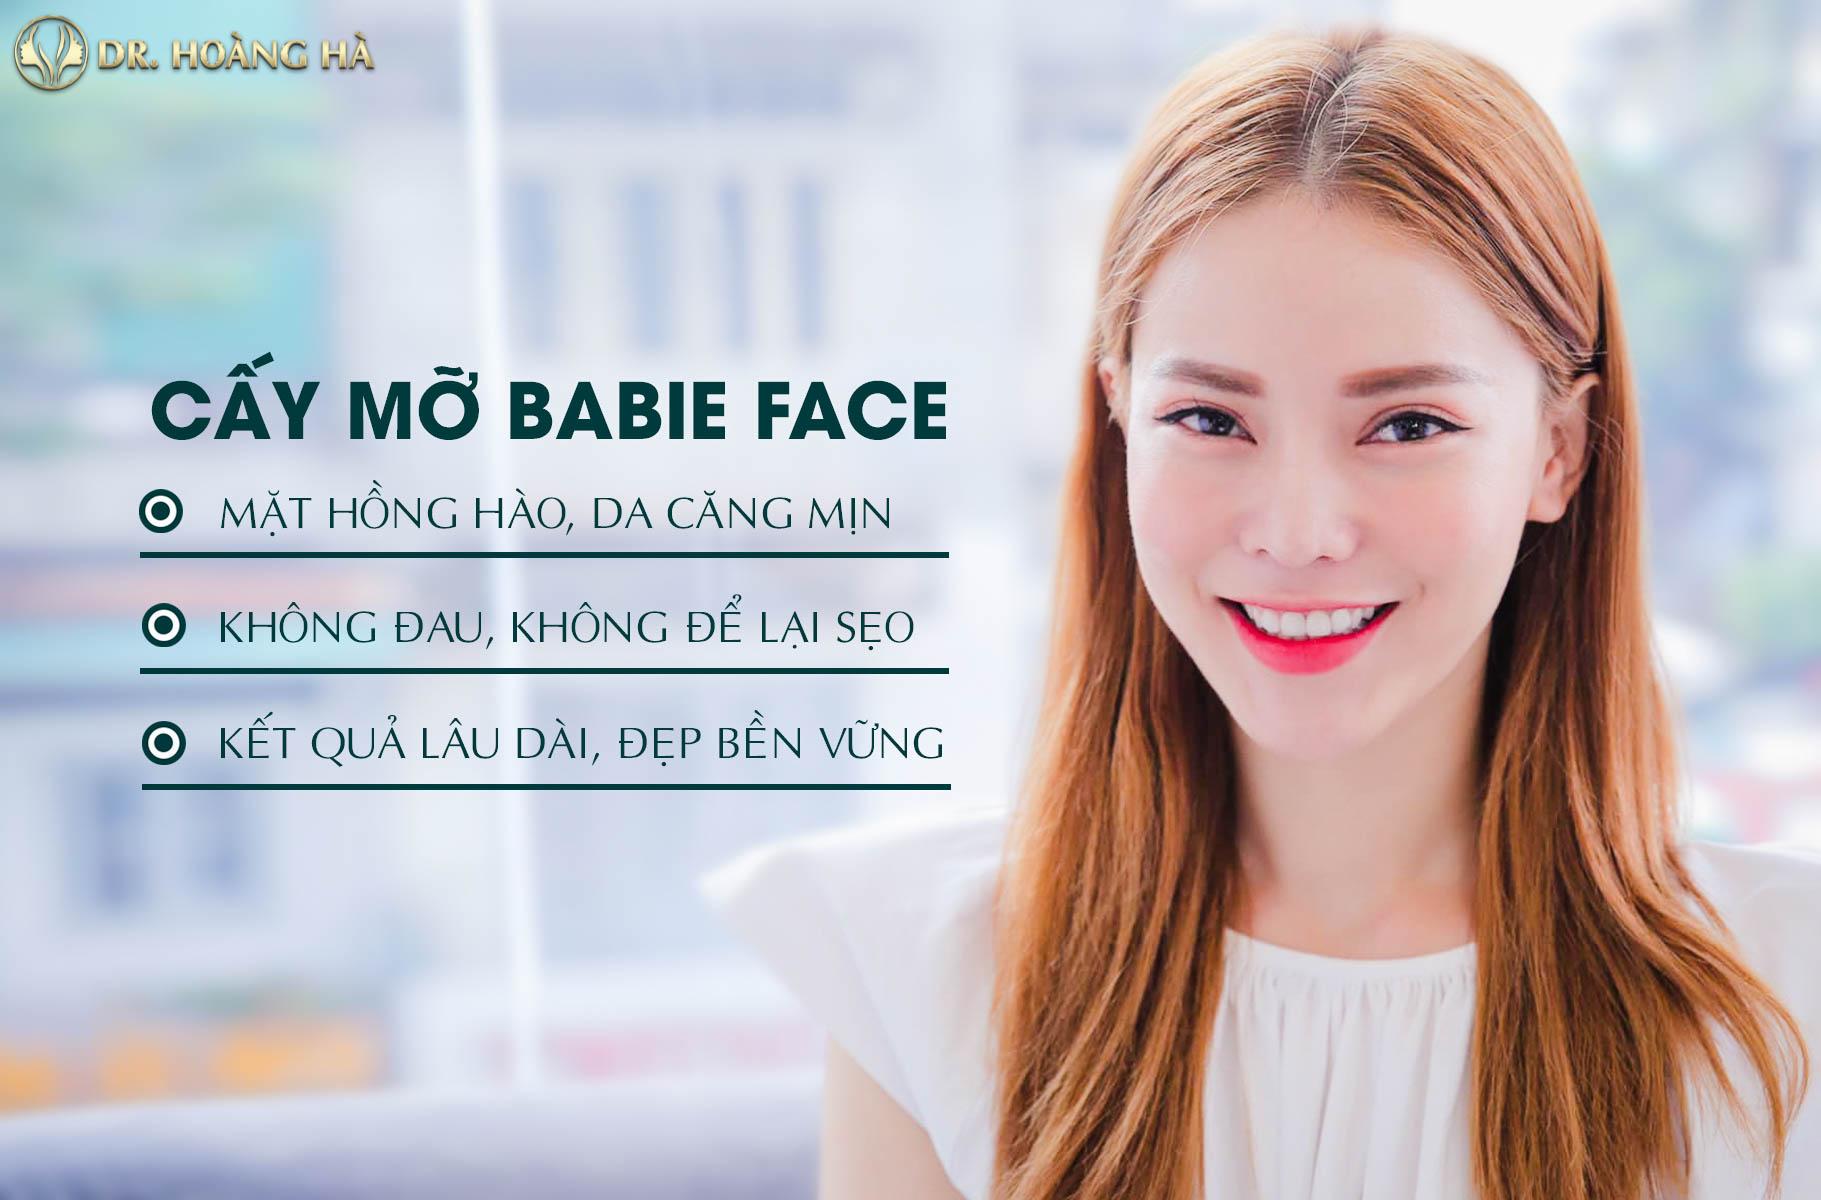 Cấy mỡ Babie Face cho khuôn mặt căng hồng, tươi sáng và tràn đầy sức sống